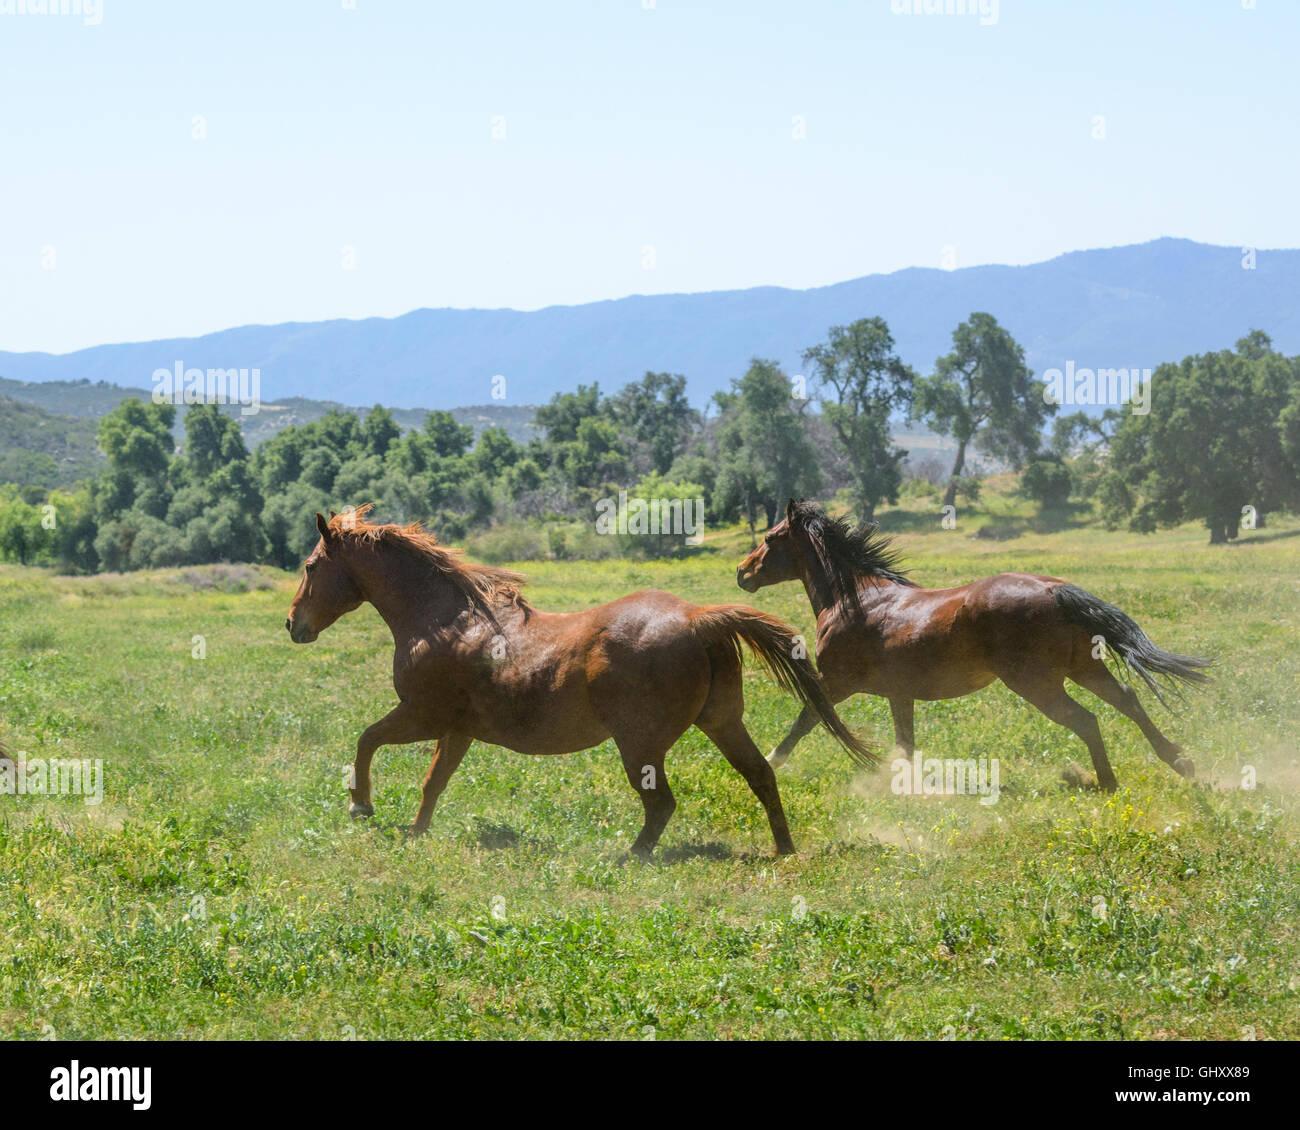 Quarter Horse mares run in scenic mountain pasture - Stock Image